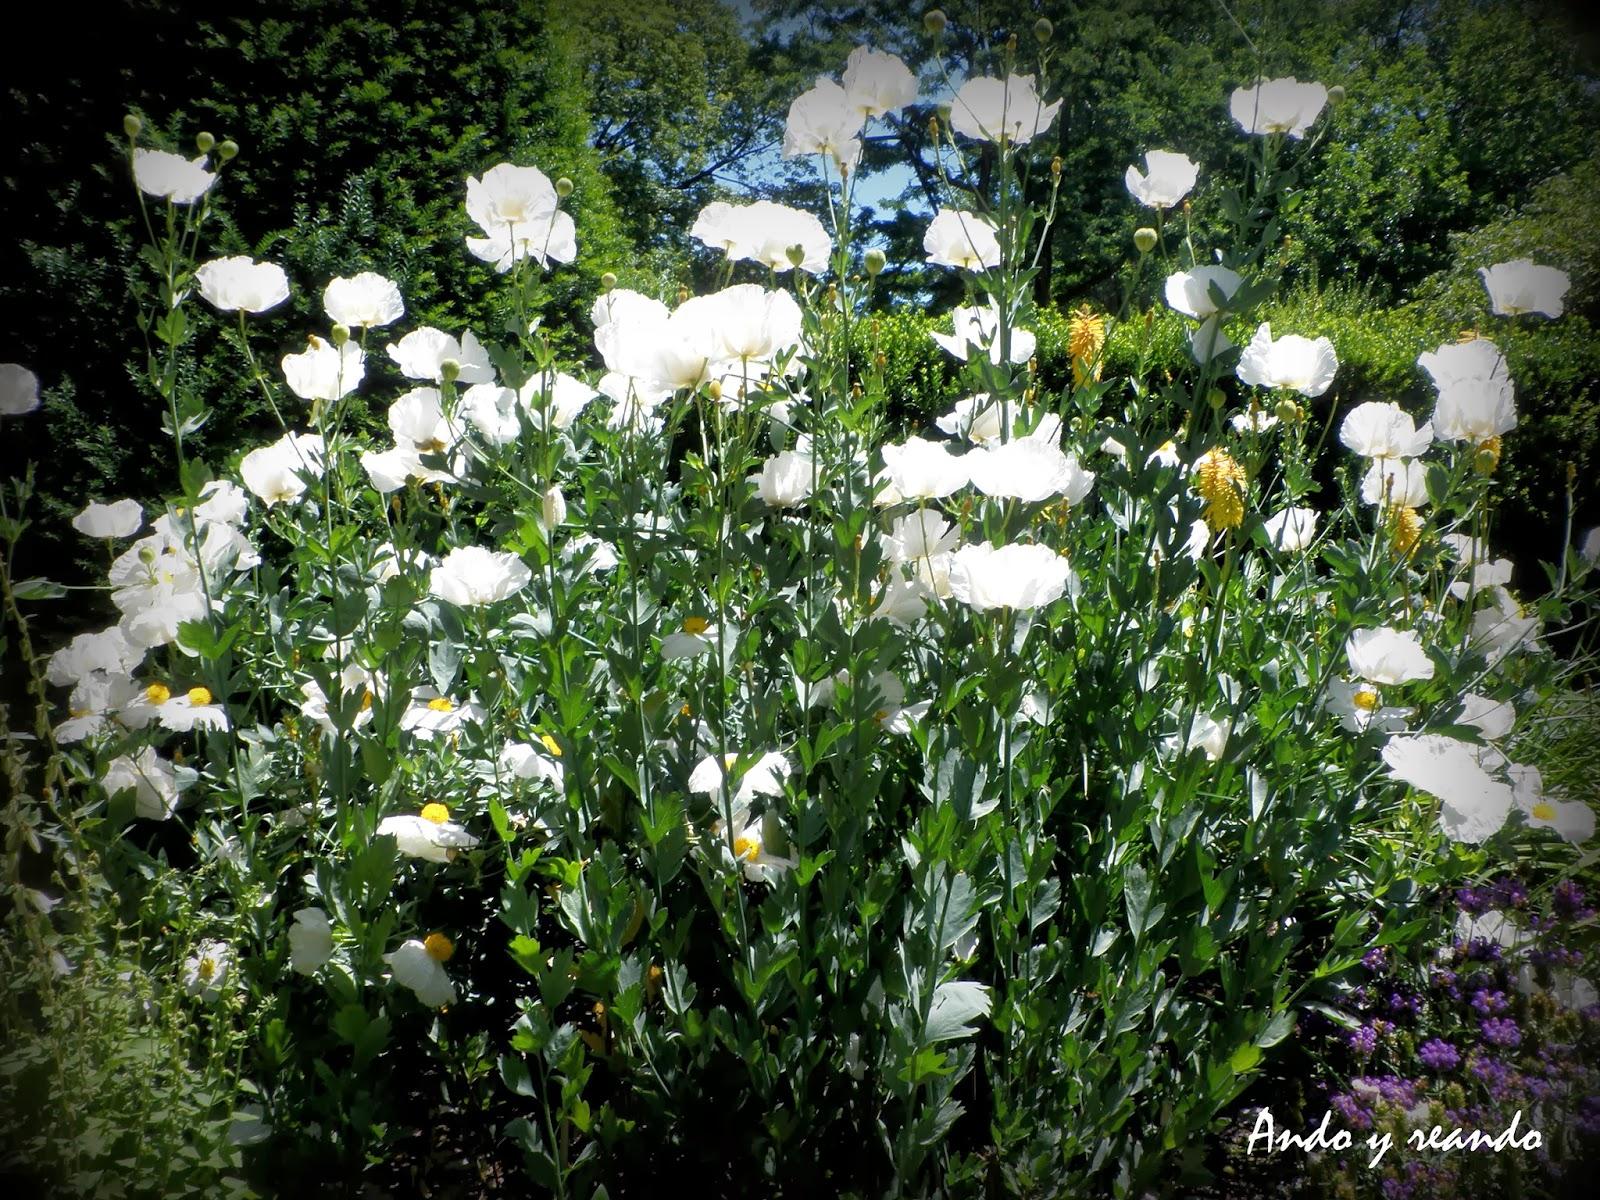 Flores blancas pequeñas